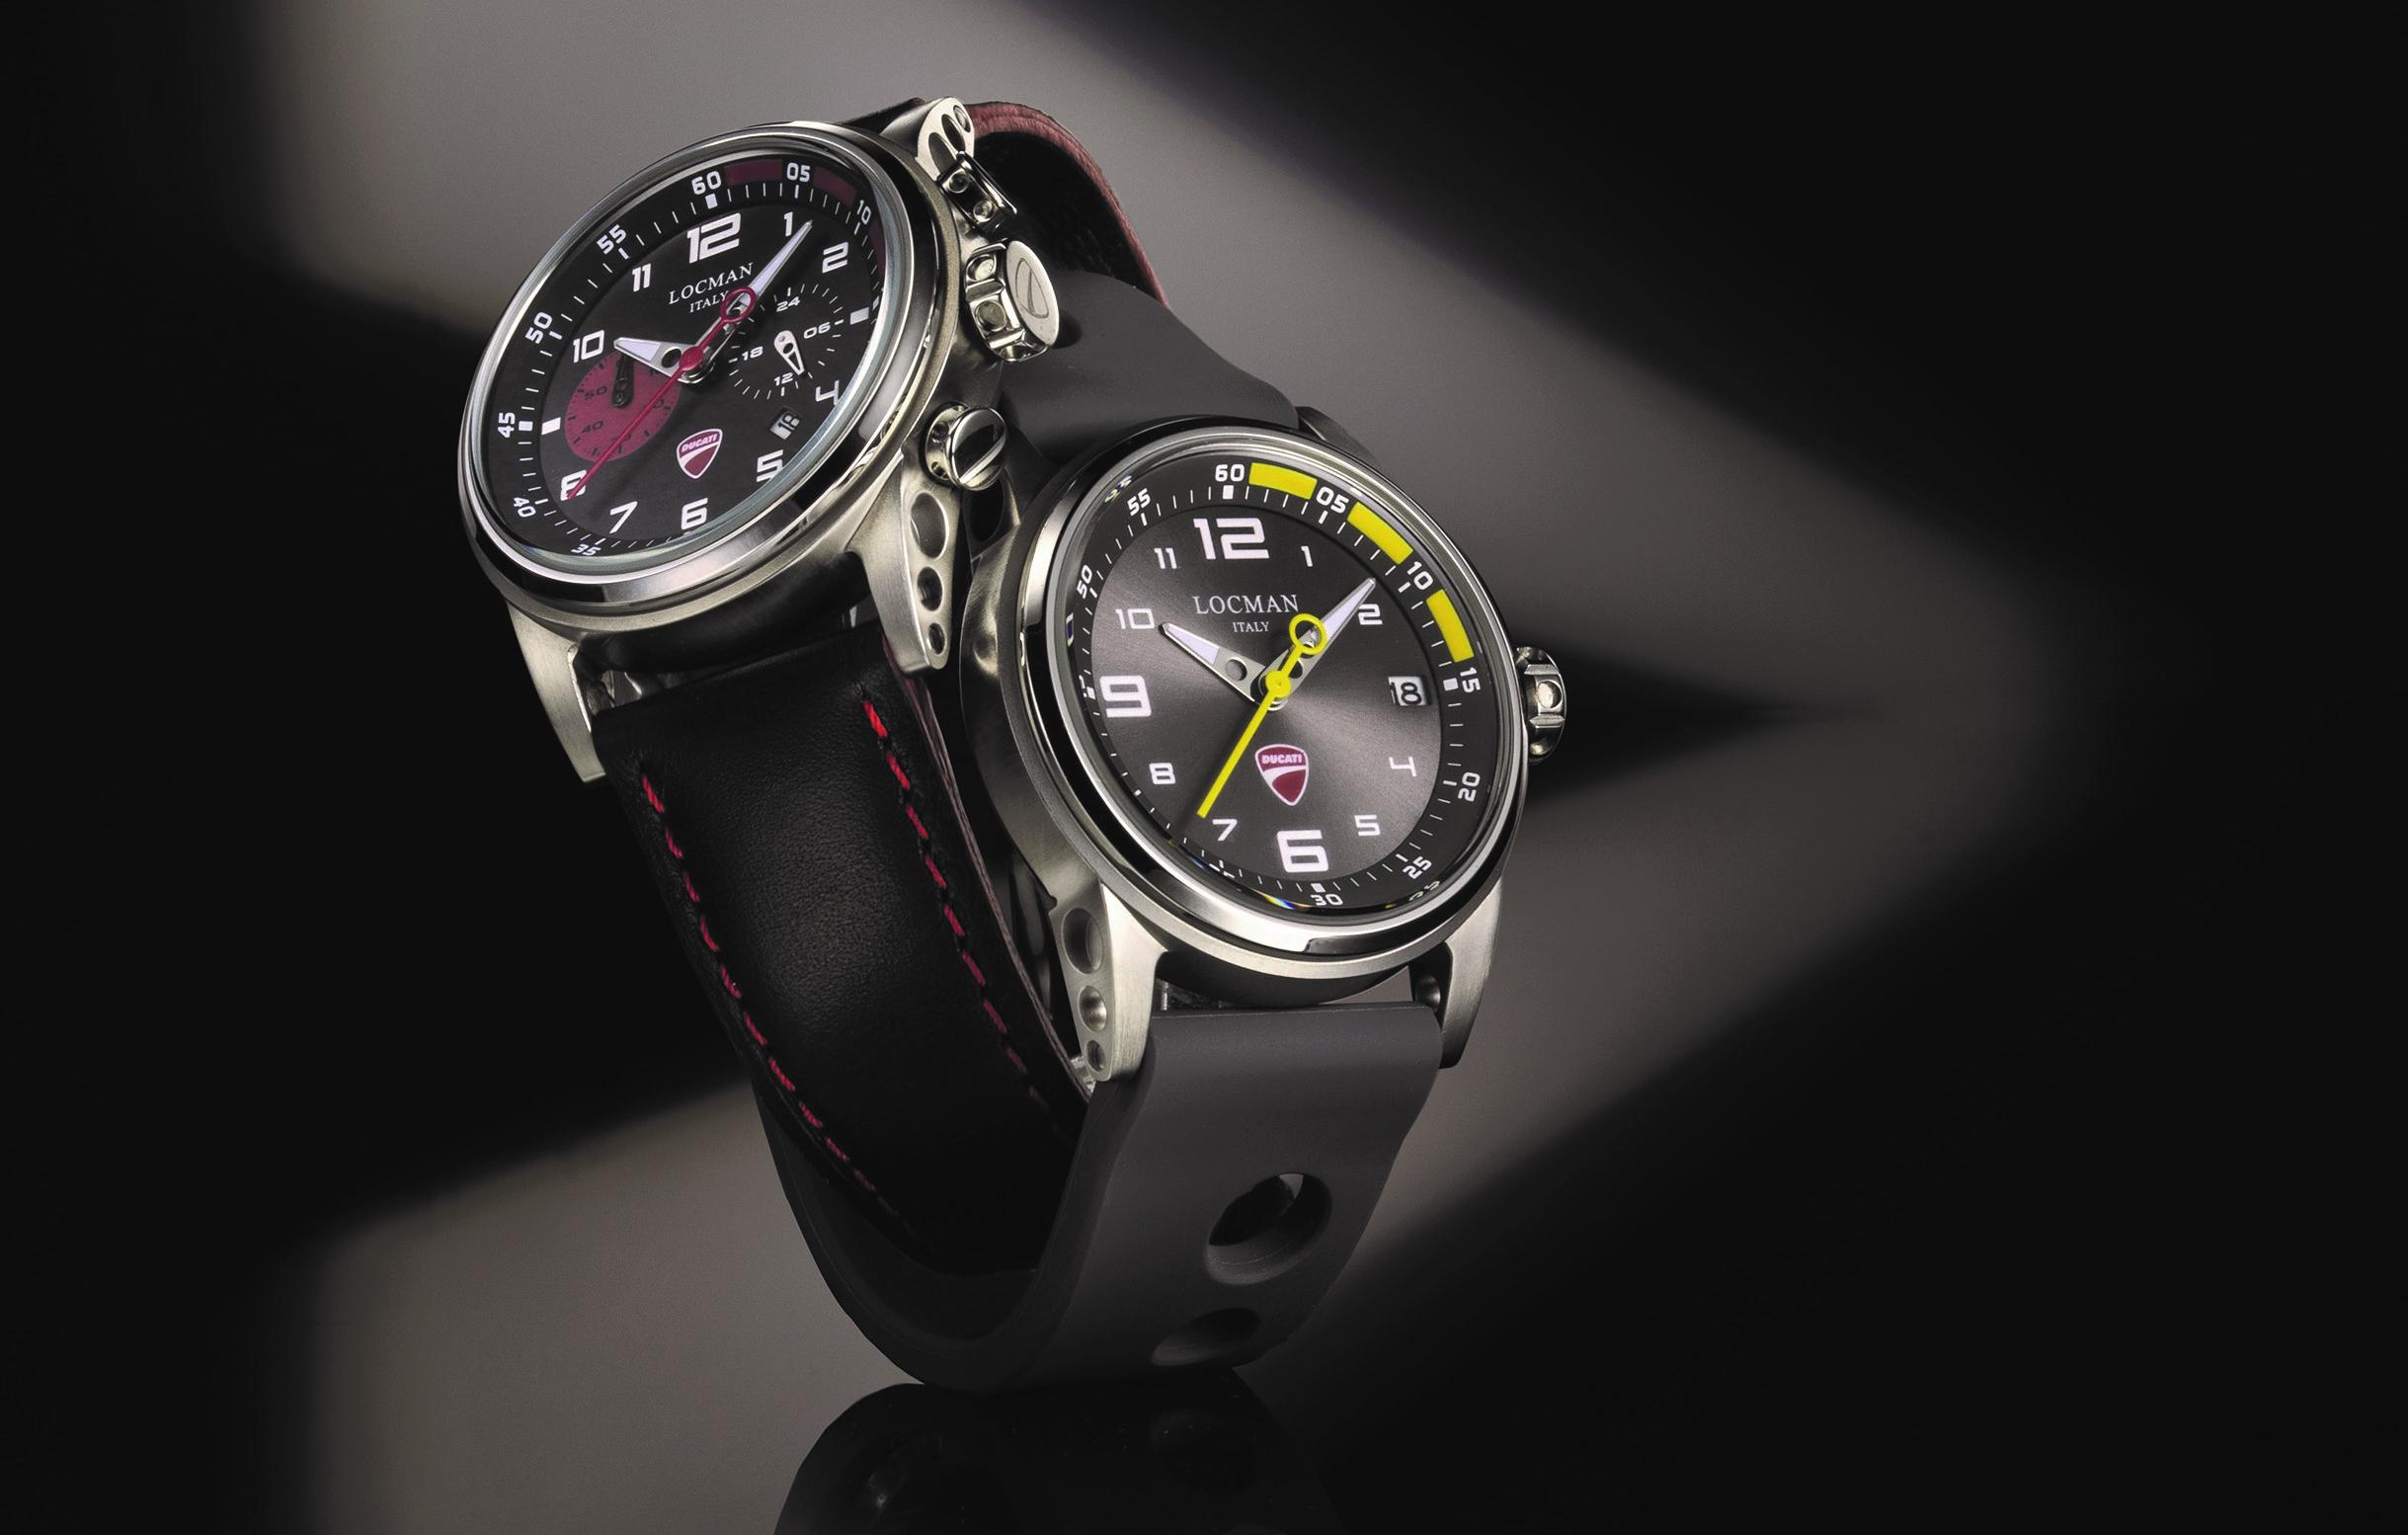 083e2606d7f Nova coleção de relógios Ducati-Locman - Ducati Portugal